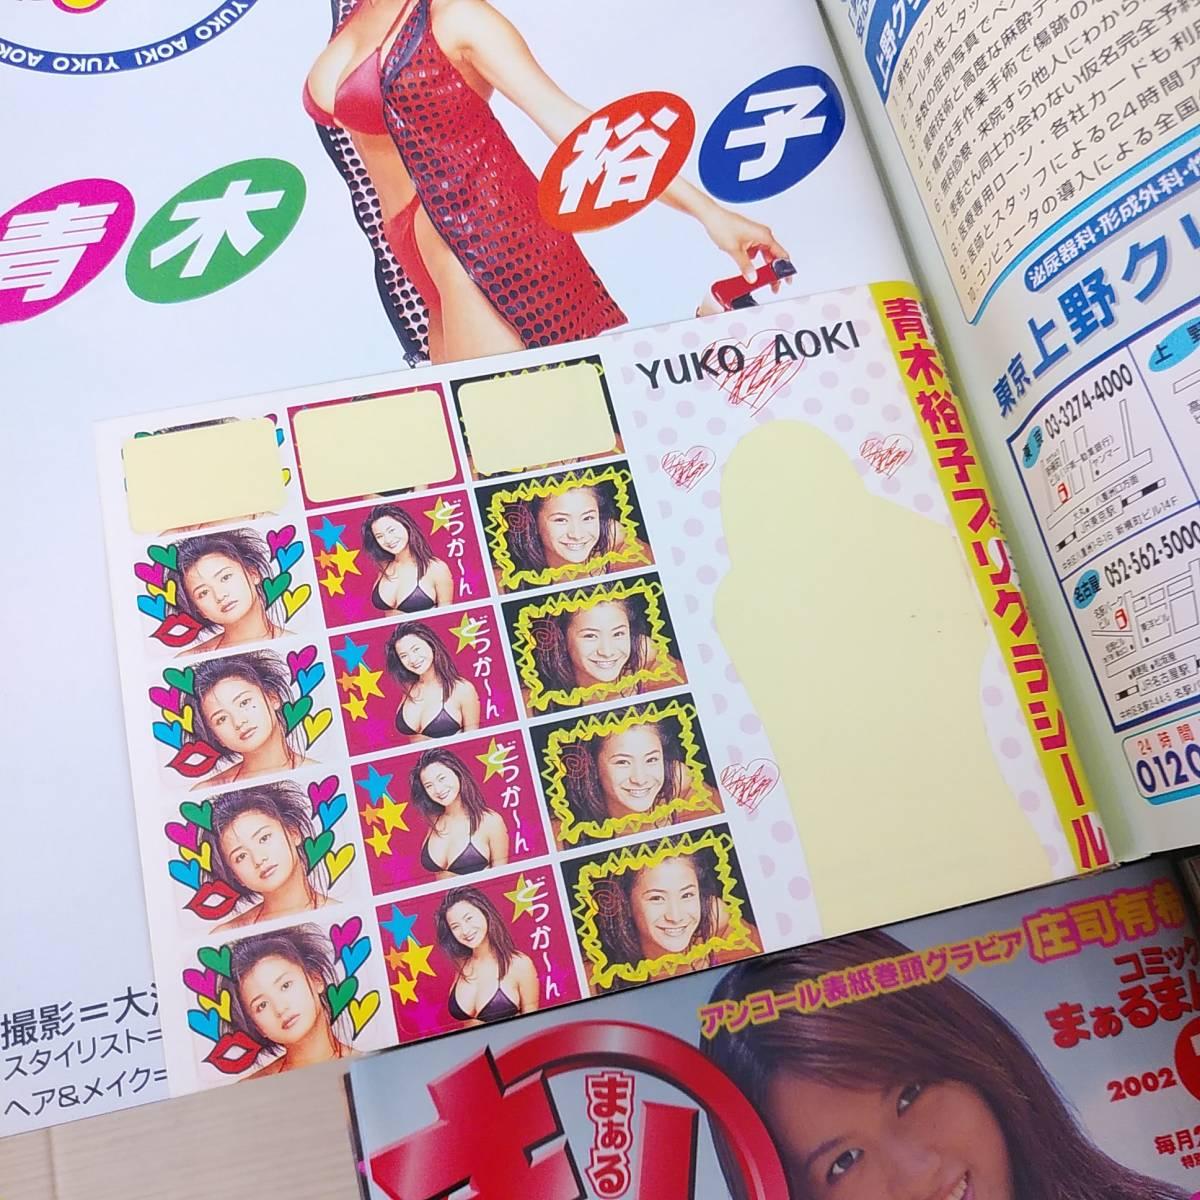 【希少品!】まぁるまん■ぶんか社■デビュー号~■1998年~2002年■合計58冊■雑誌 アイドル 漫画_画像7